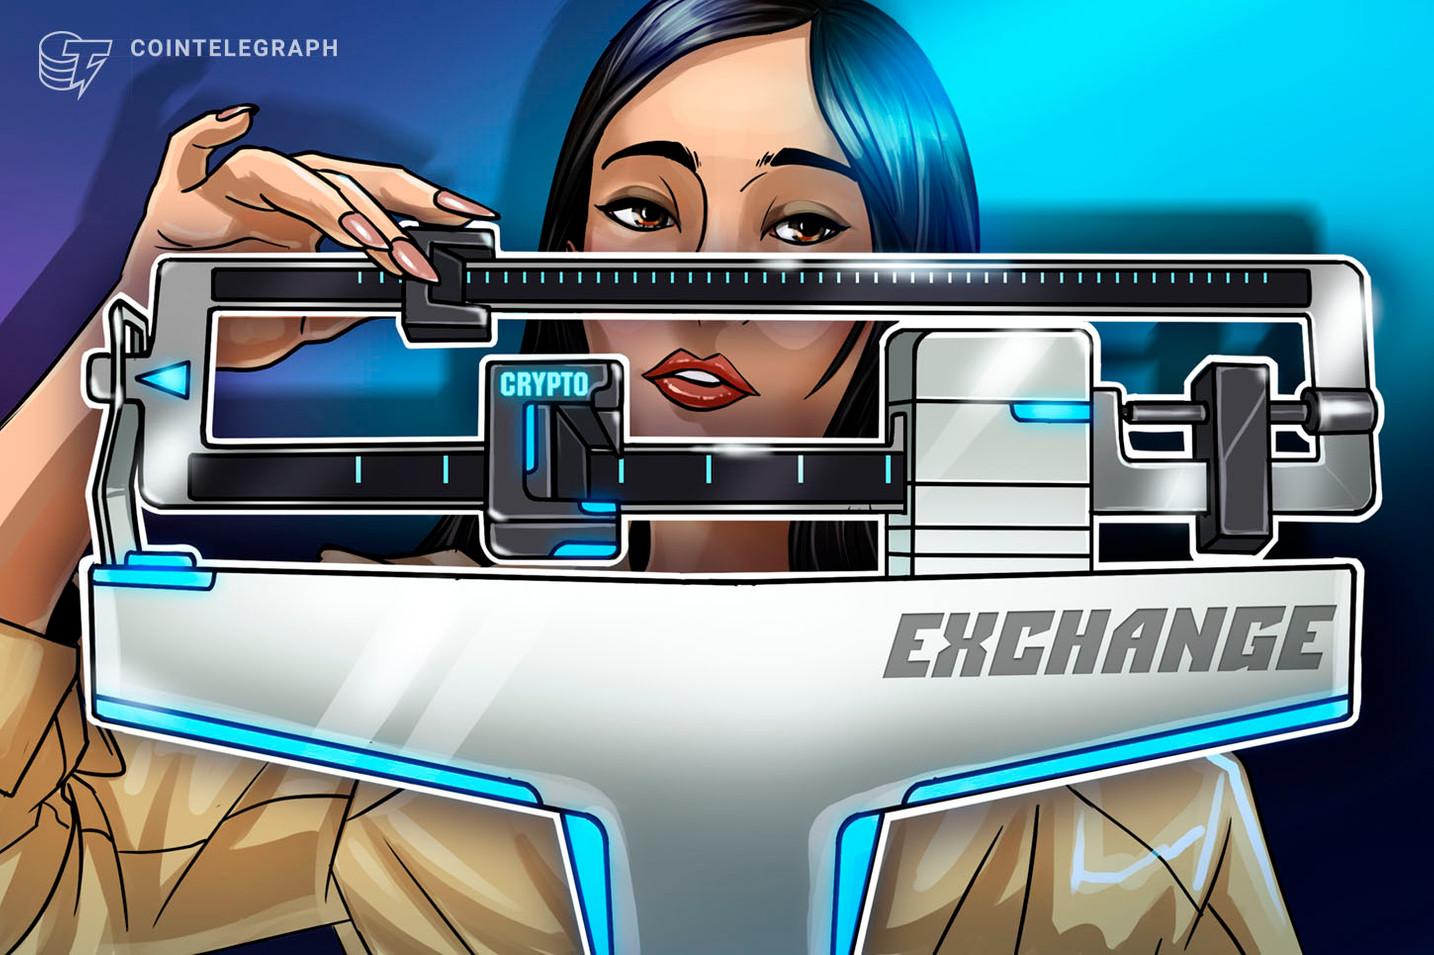 仮想通貨取引所OKEx、グローバルな自主規制機関創設を提唱 「ほかの取引所と協議開始」